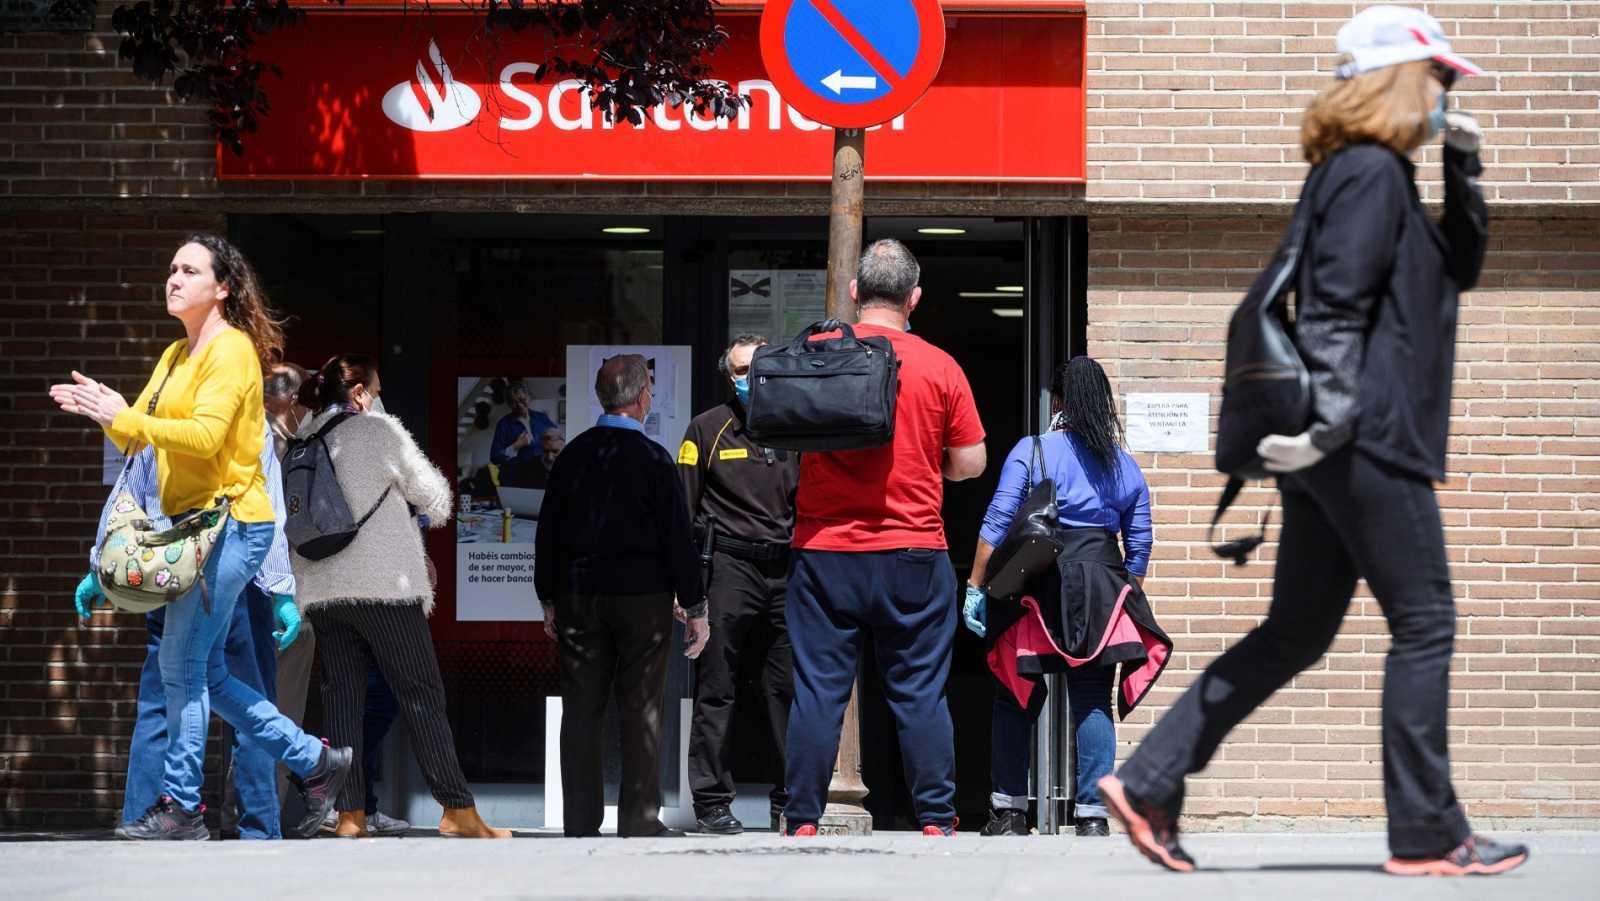 Estar trabajando no impedirá recibir el ingreso mínimo vital que el Gobierno prevé aprobar en mayo